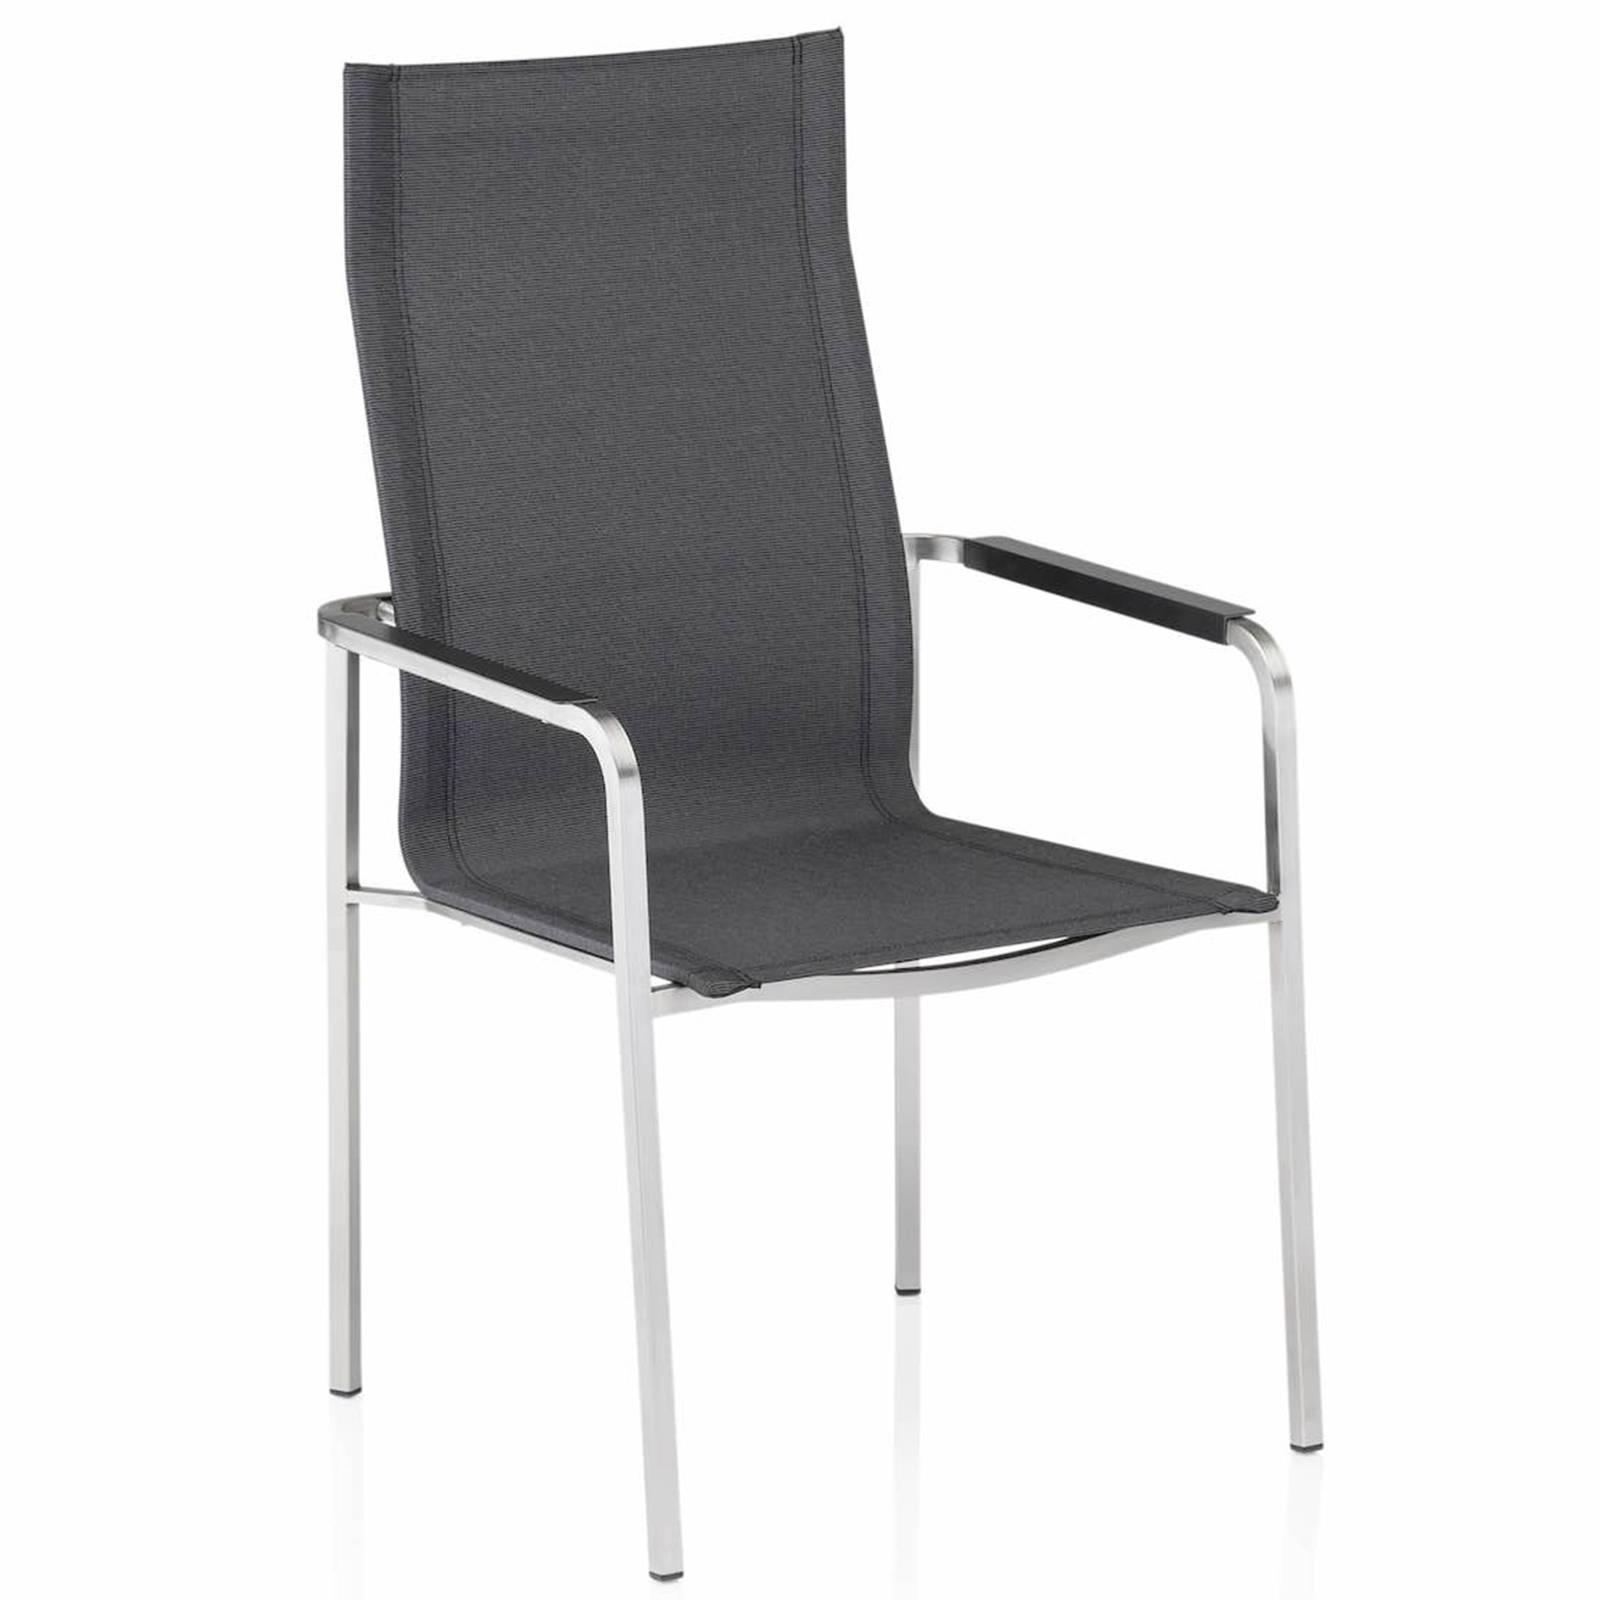 Krzesło ogrodowe z wysokim oparciem Feel antracytowe / stal KETTLER